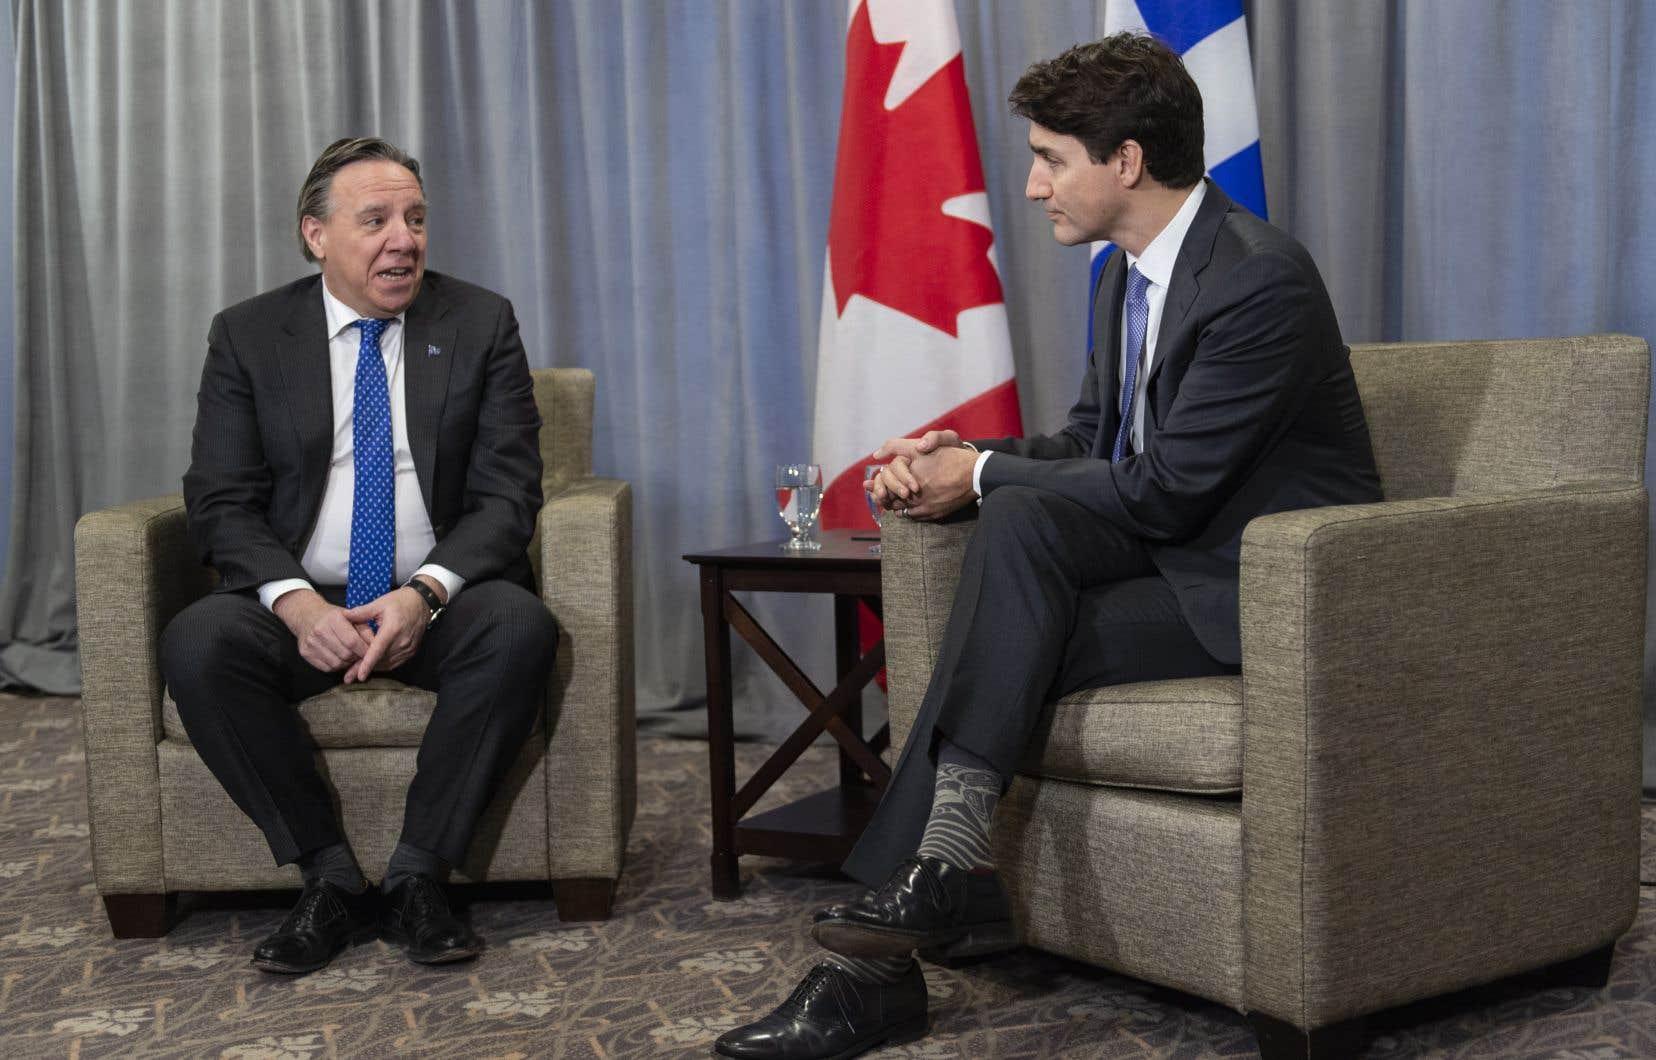 La rencontre de vendredi sera la premièere entre les deux hommes, depuis l'élection du gouvernement libéral minoritaire de M.Trudeau en octobre dernier.